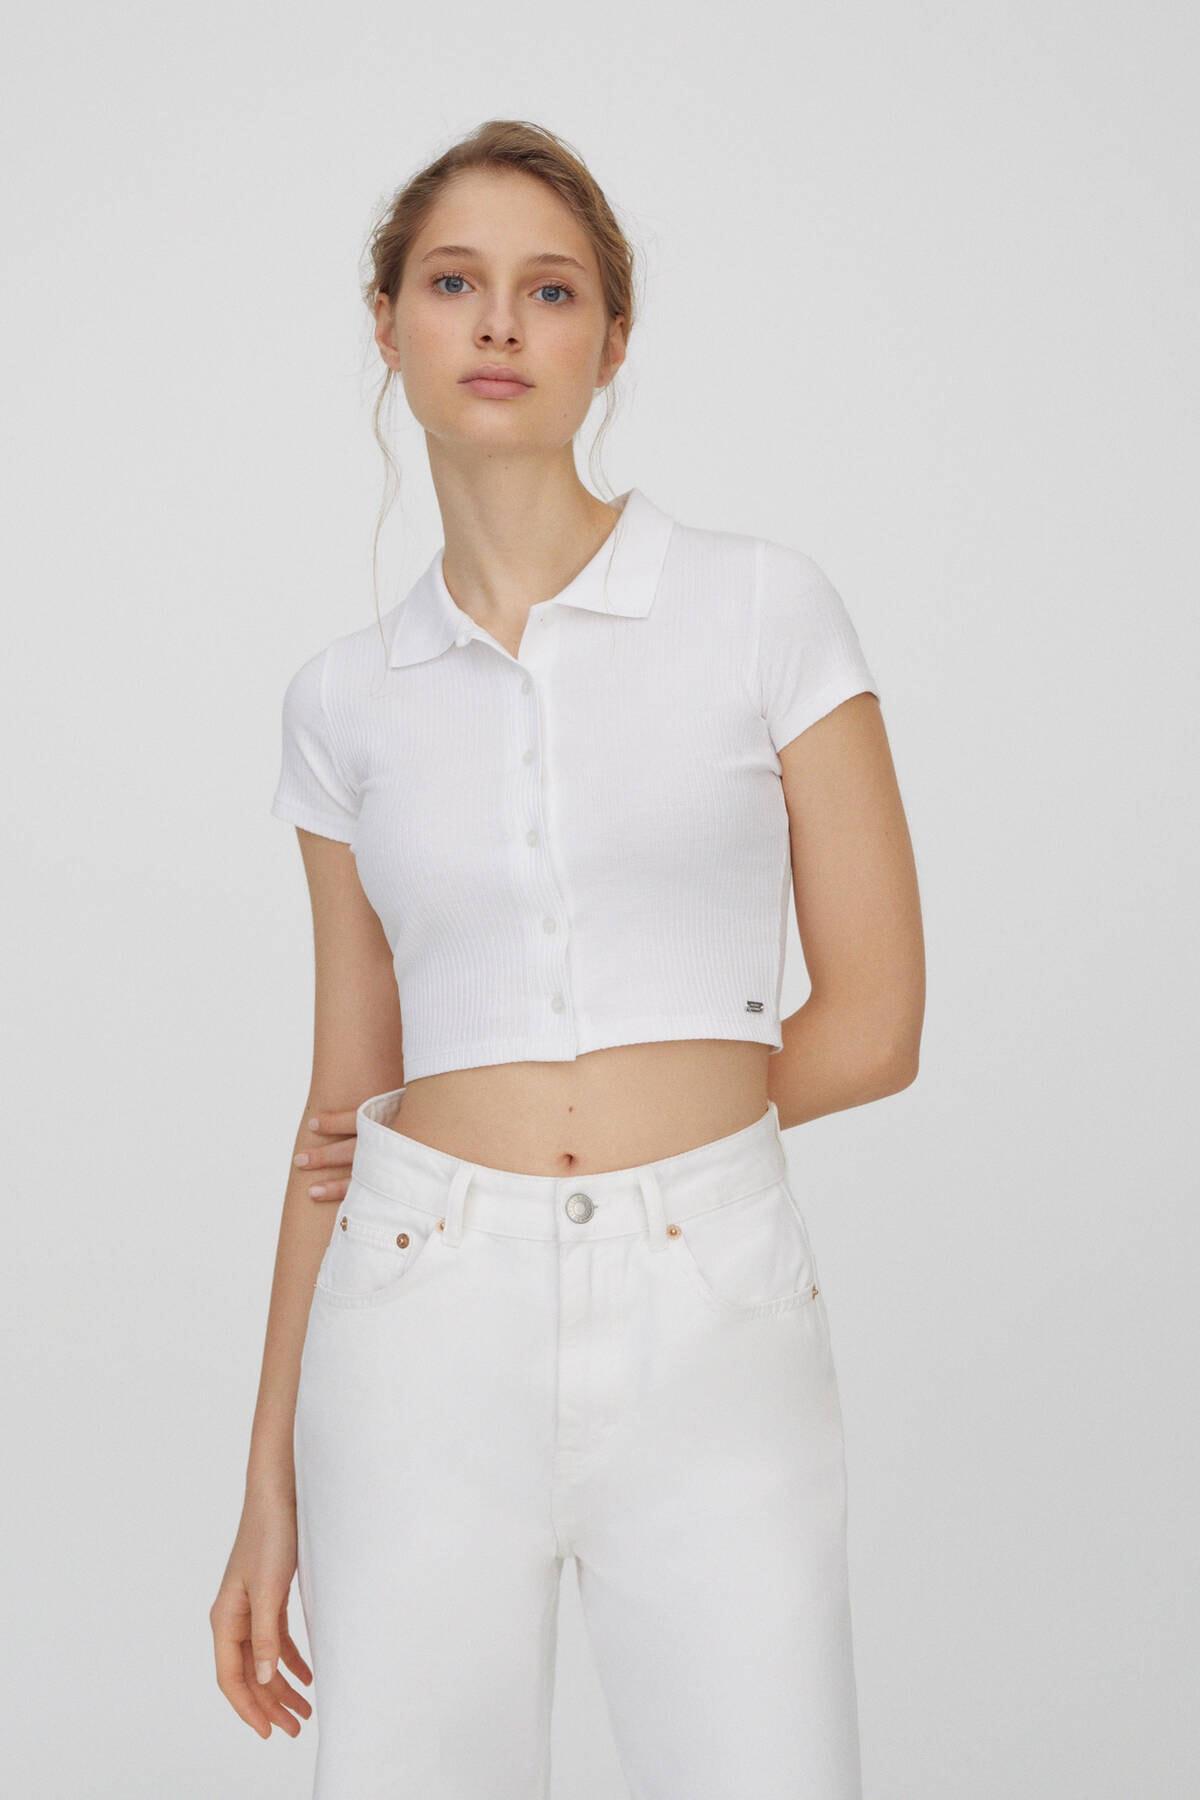 Pull & Bear Kadın Beyaz Düğmeli Kısa Kollu Polo T-Shirt 04240368 0